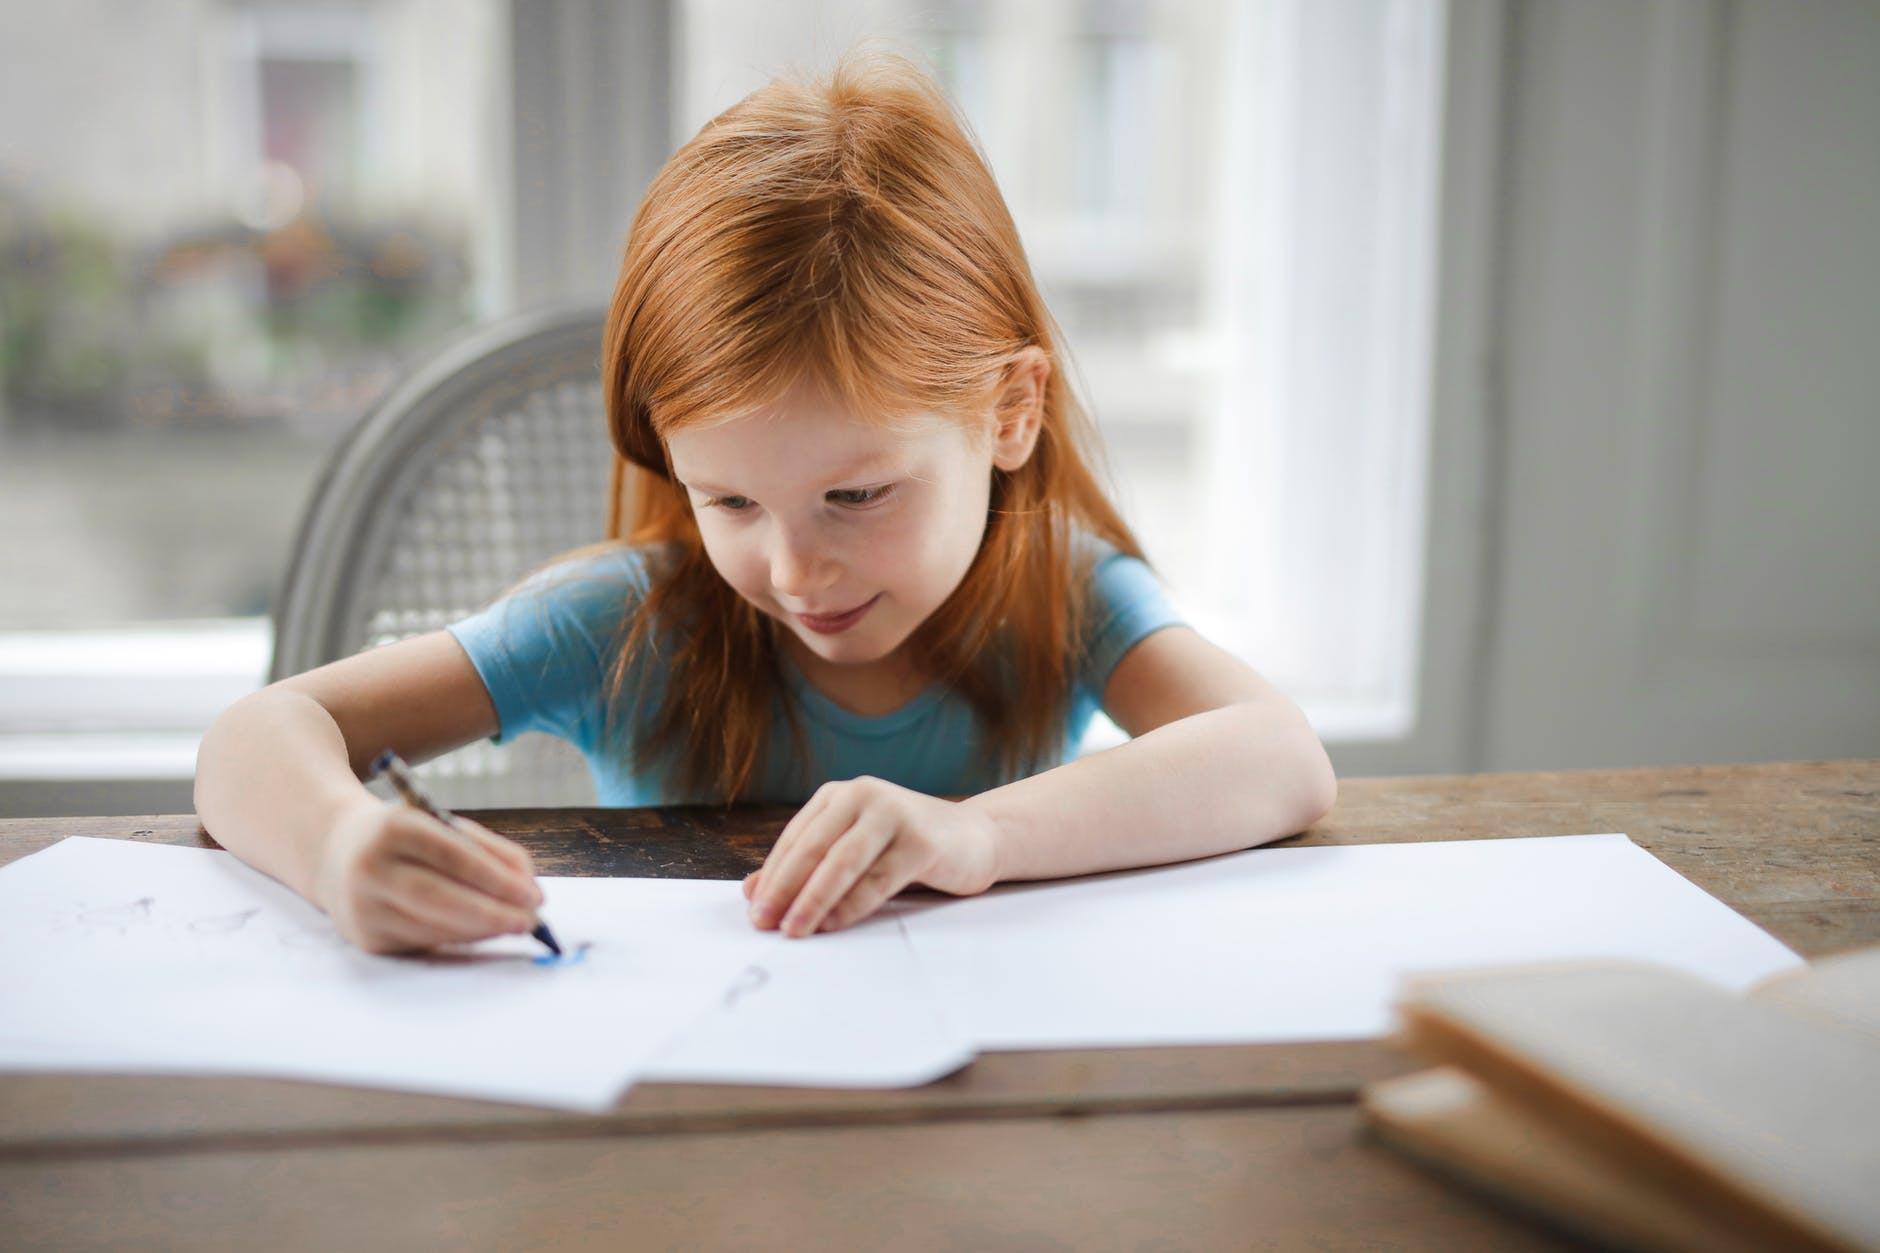 De ce este important sa invatam copilul ca fara efort nu poate avea succes